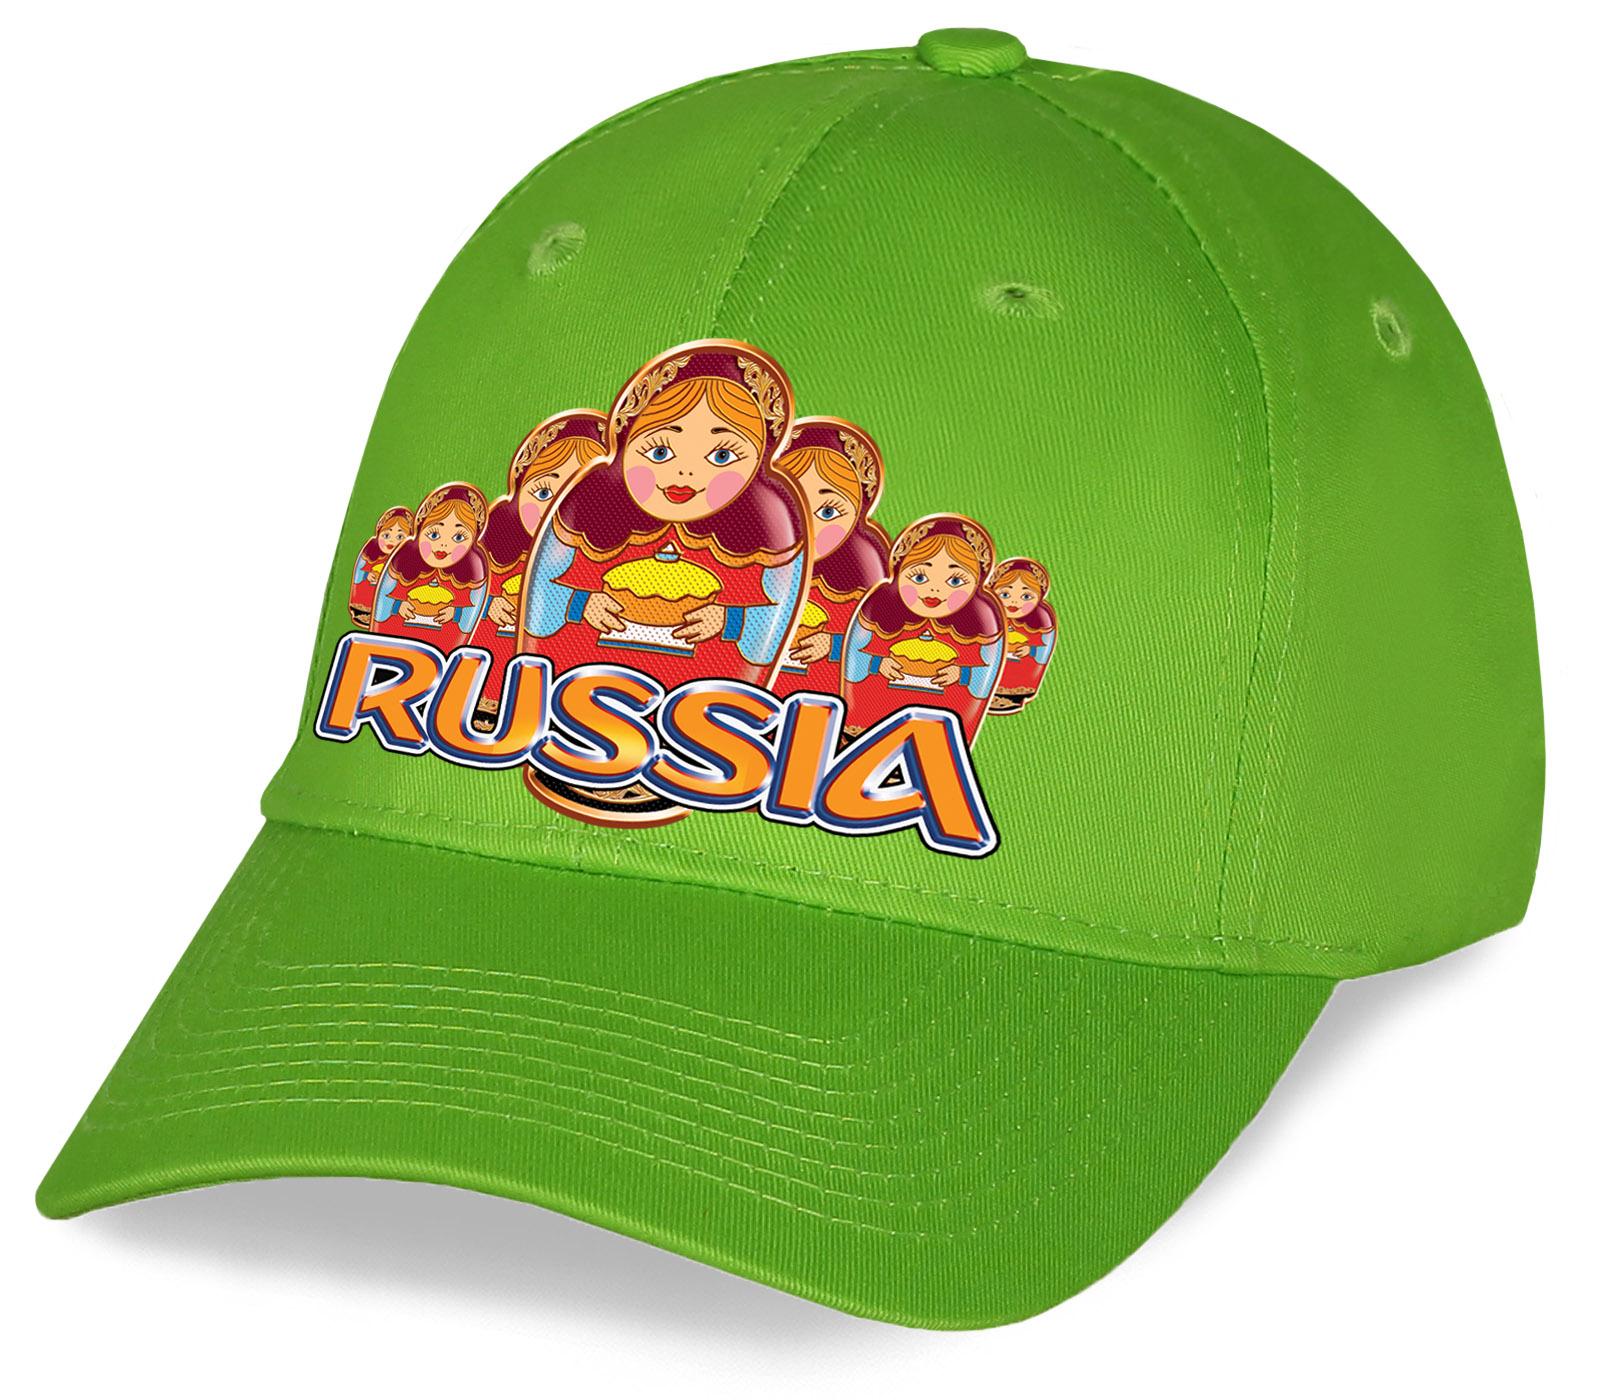 Уникальная бейсболка с замечательным принтом «Russia» с Матрешками от наших превосходных дизайнеров. Патриотизм всегда в моде! Заказывайте, пока не разобрали!